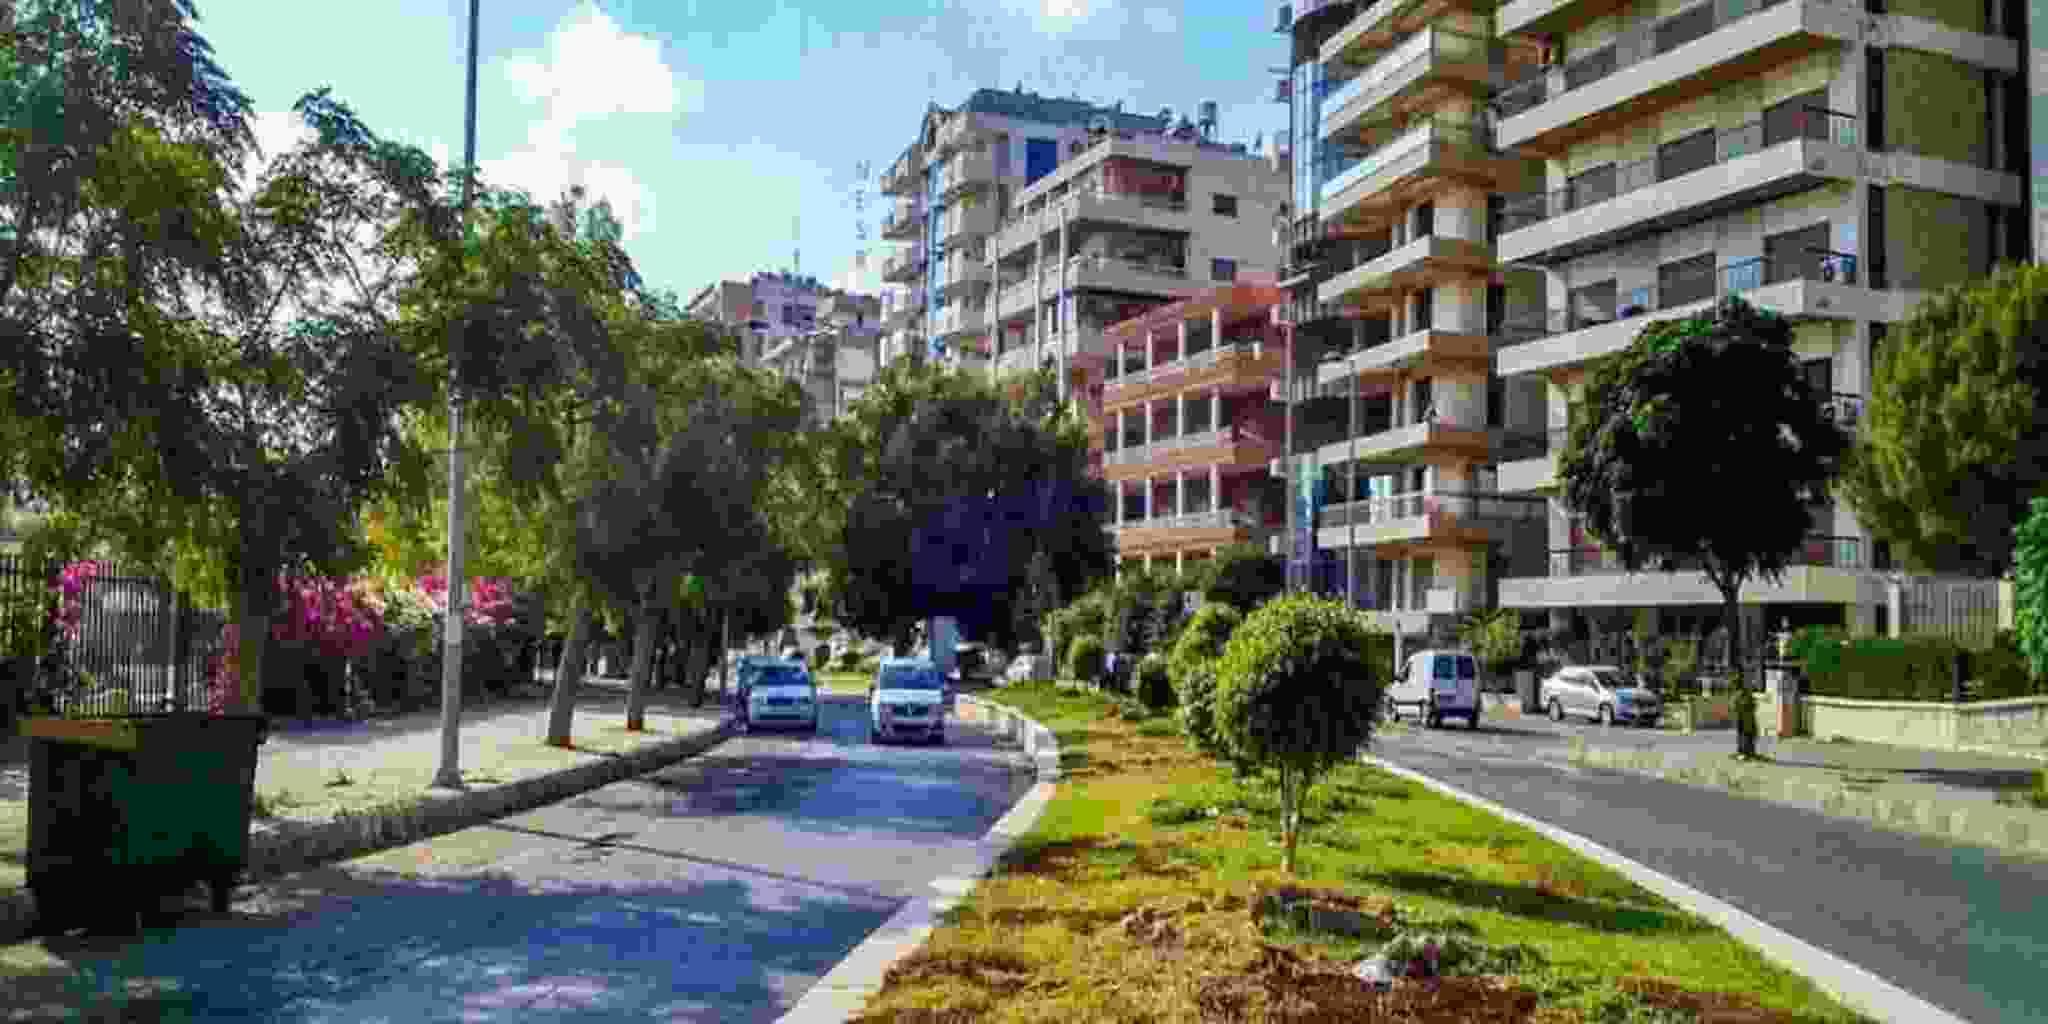 أهم شوارع مصر الجديدة